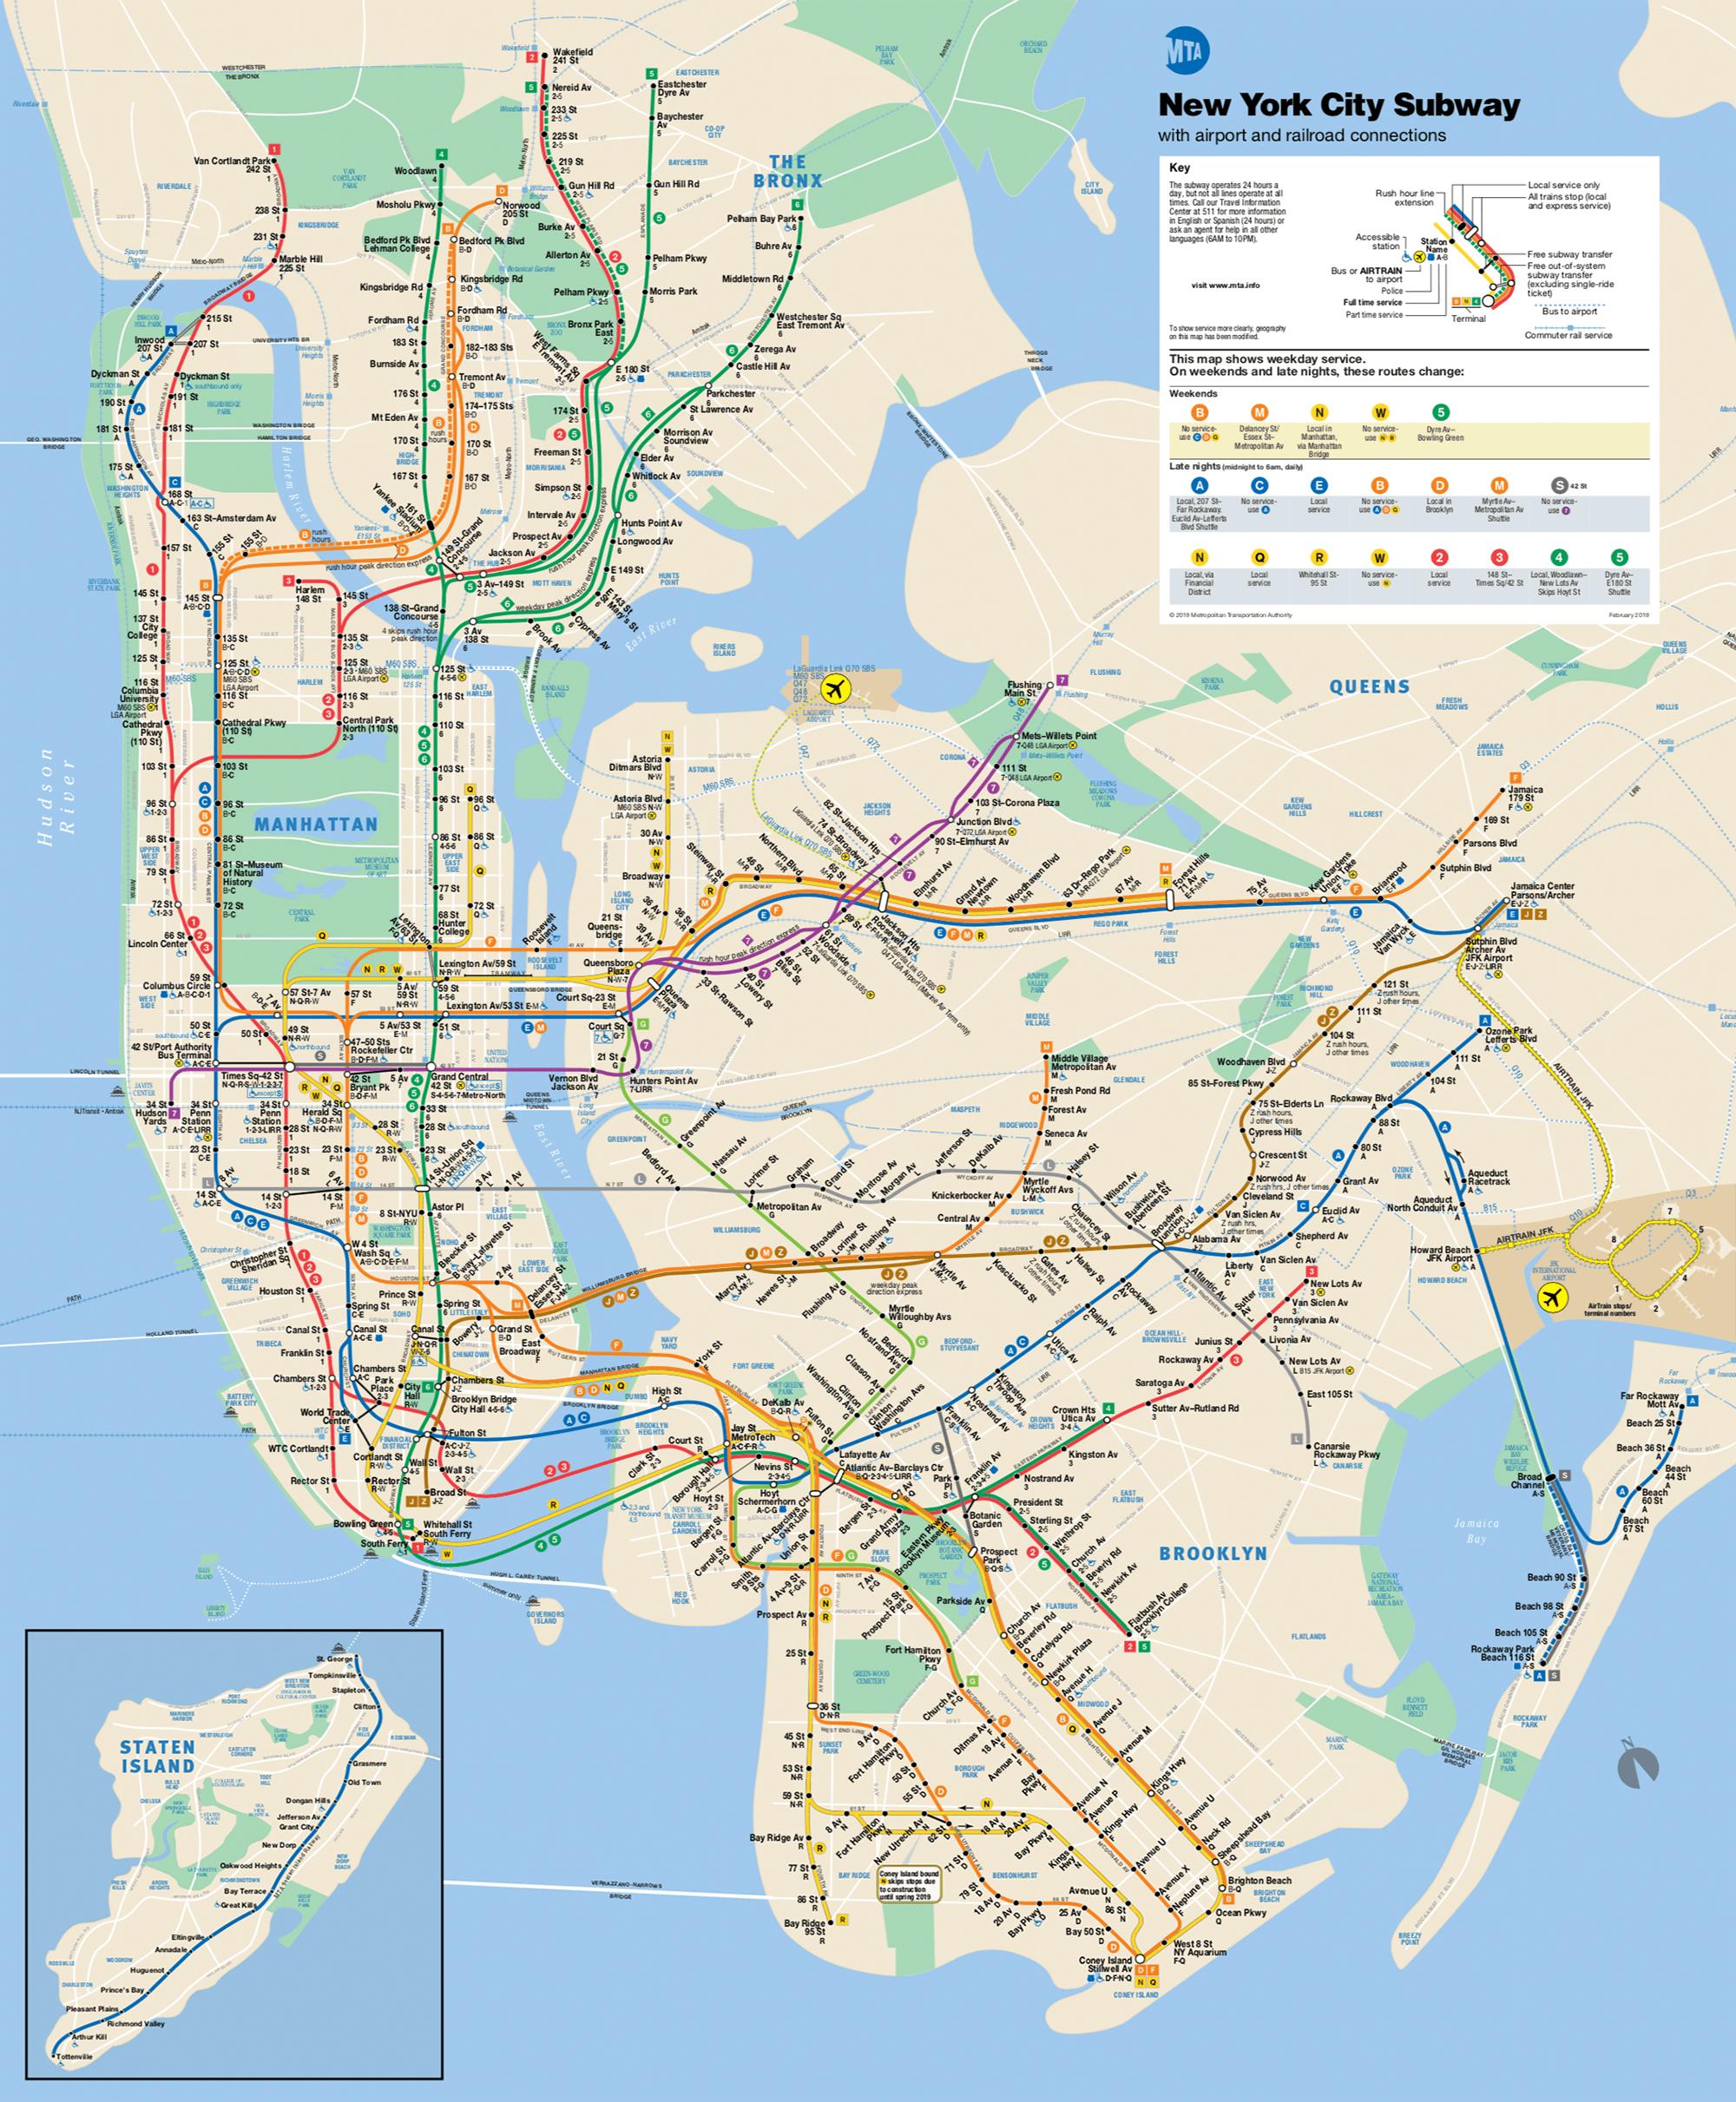 На карте белыми точками обозначены станции, на которых останавливаются все поезда. Черными — остановки только местных поездов. Экспрессы эти станции пропускают. Карту метро и автобусов можно скачать на сайте транспортной компании MTA